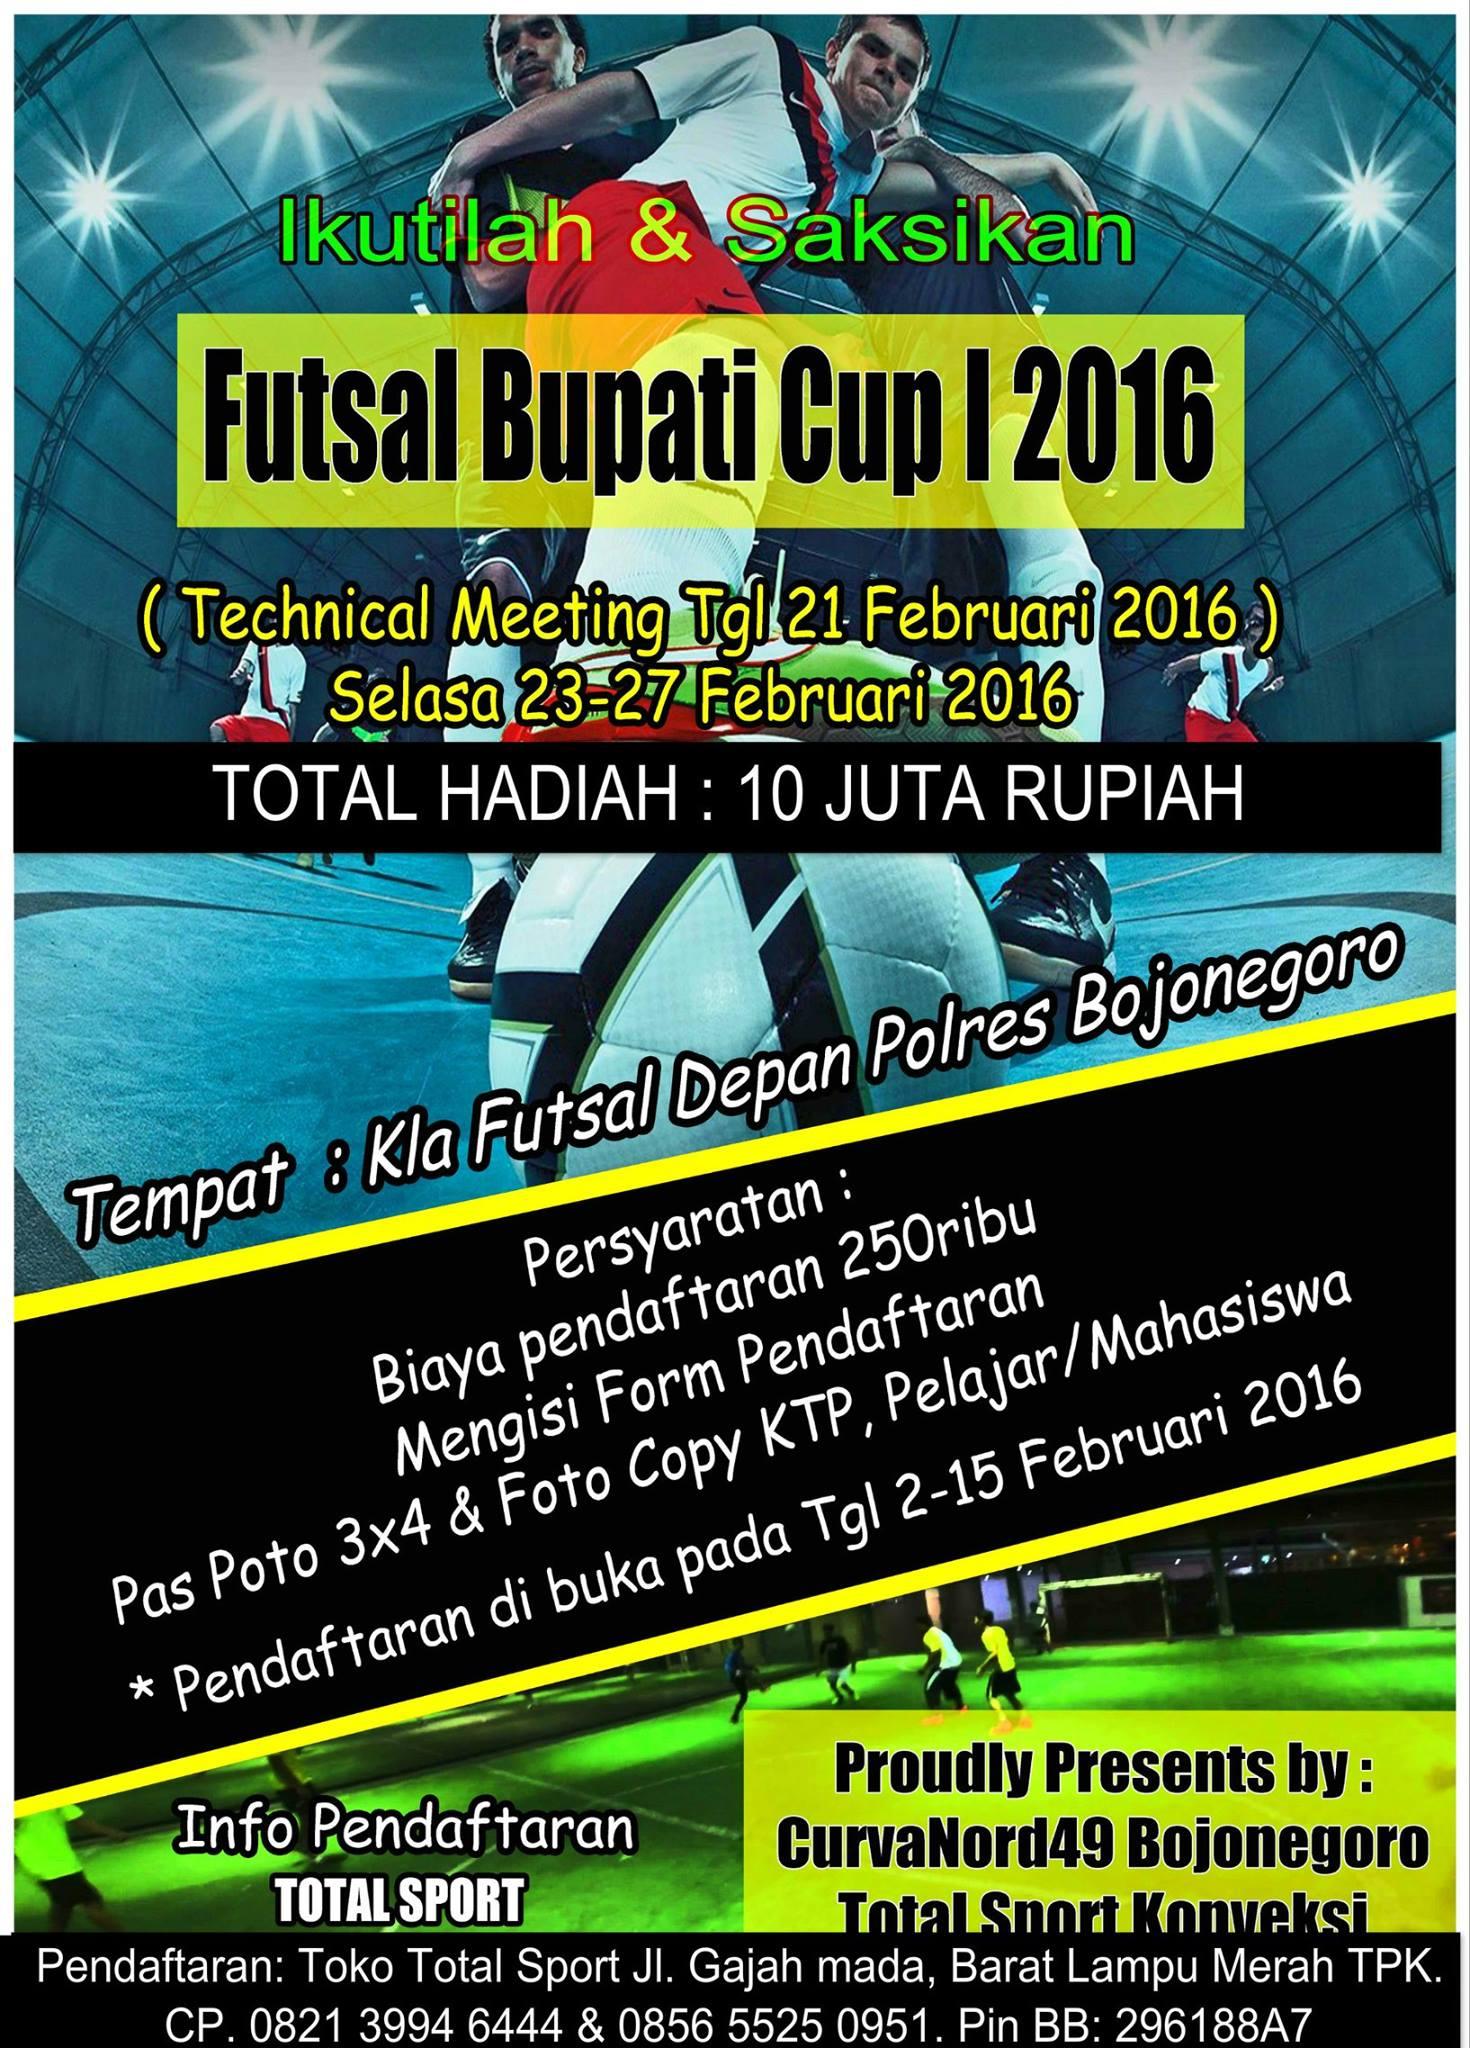 Turnamen Futsal Futsal Bupati Cup 2016 Bojonegoro